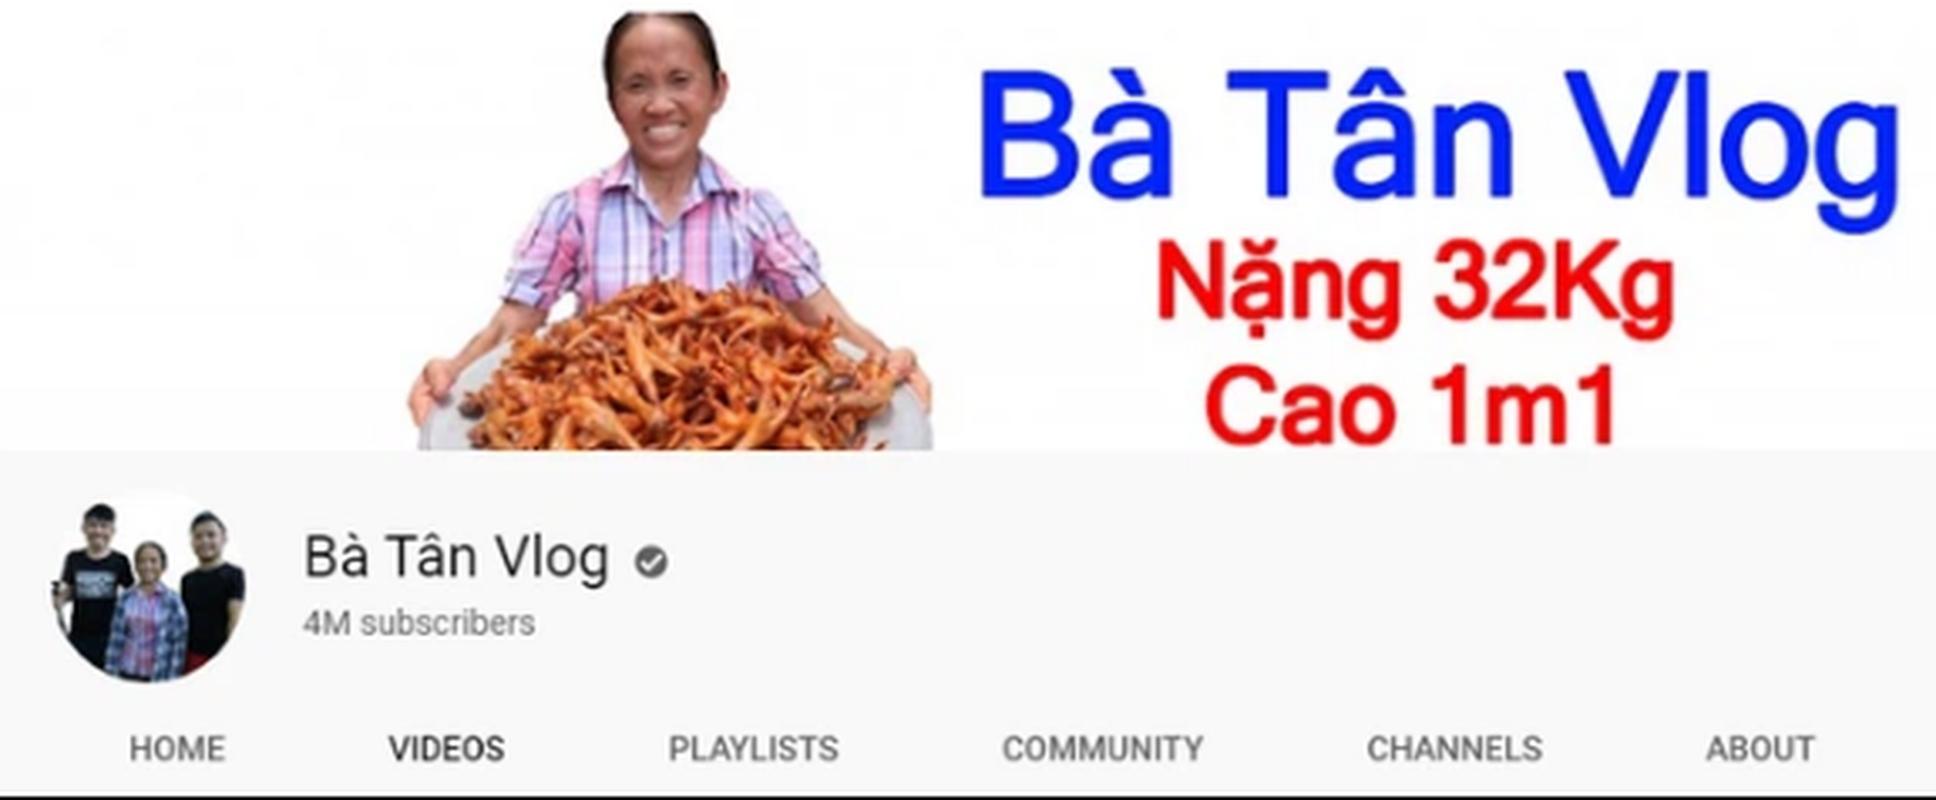 Ba Tan Vlog va nhung kenh Youtube dat ky luc nhanh den chong mat-Hinh-3